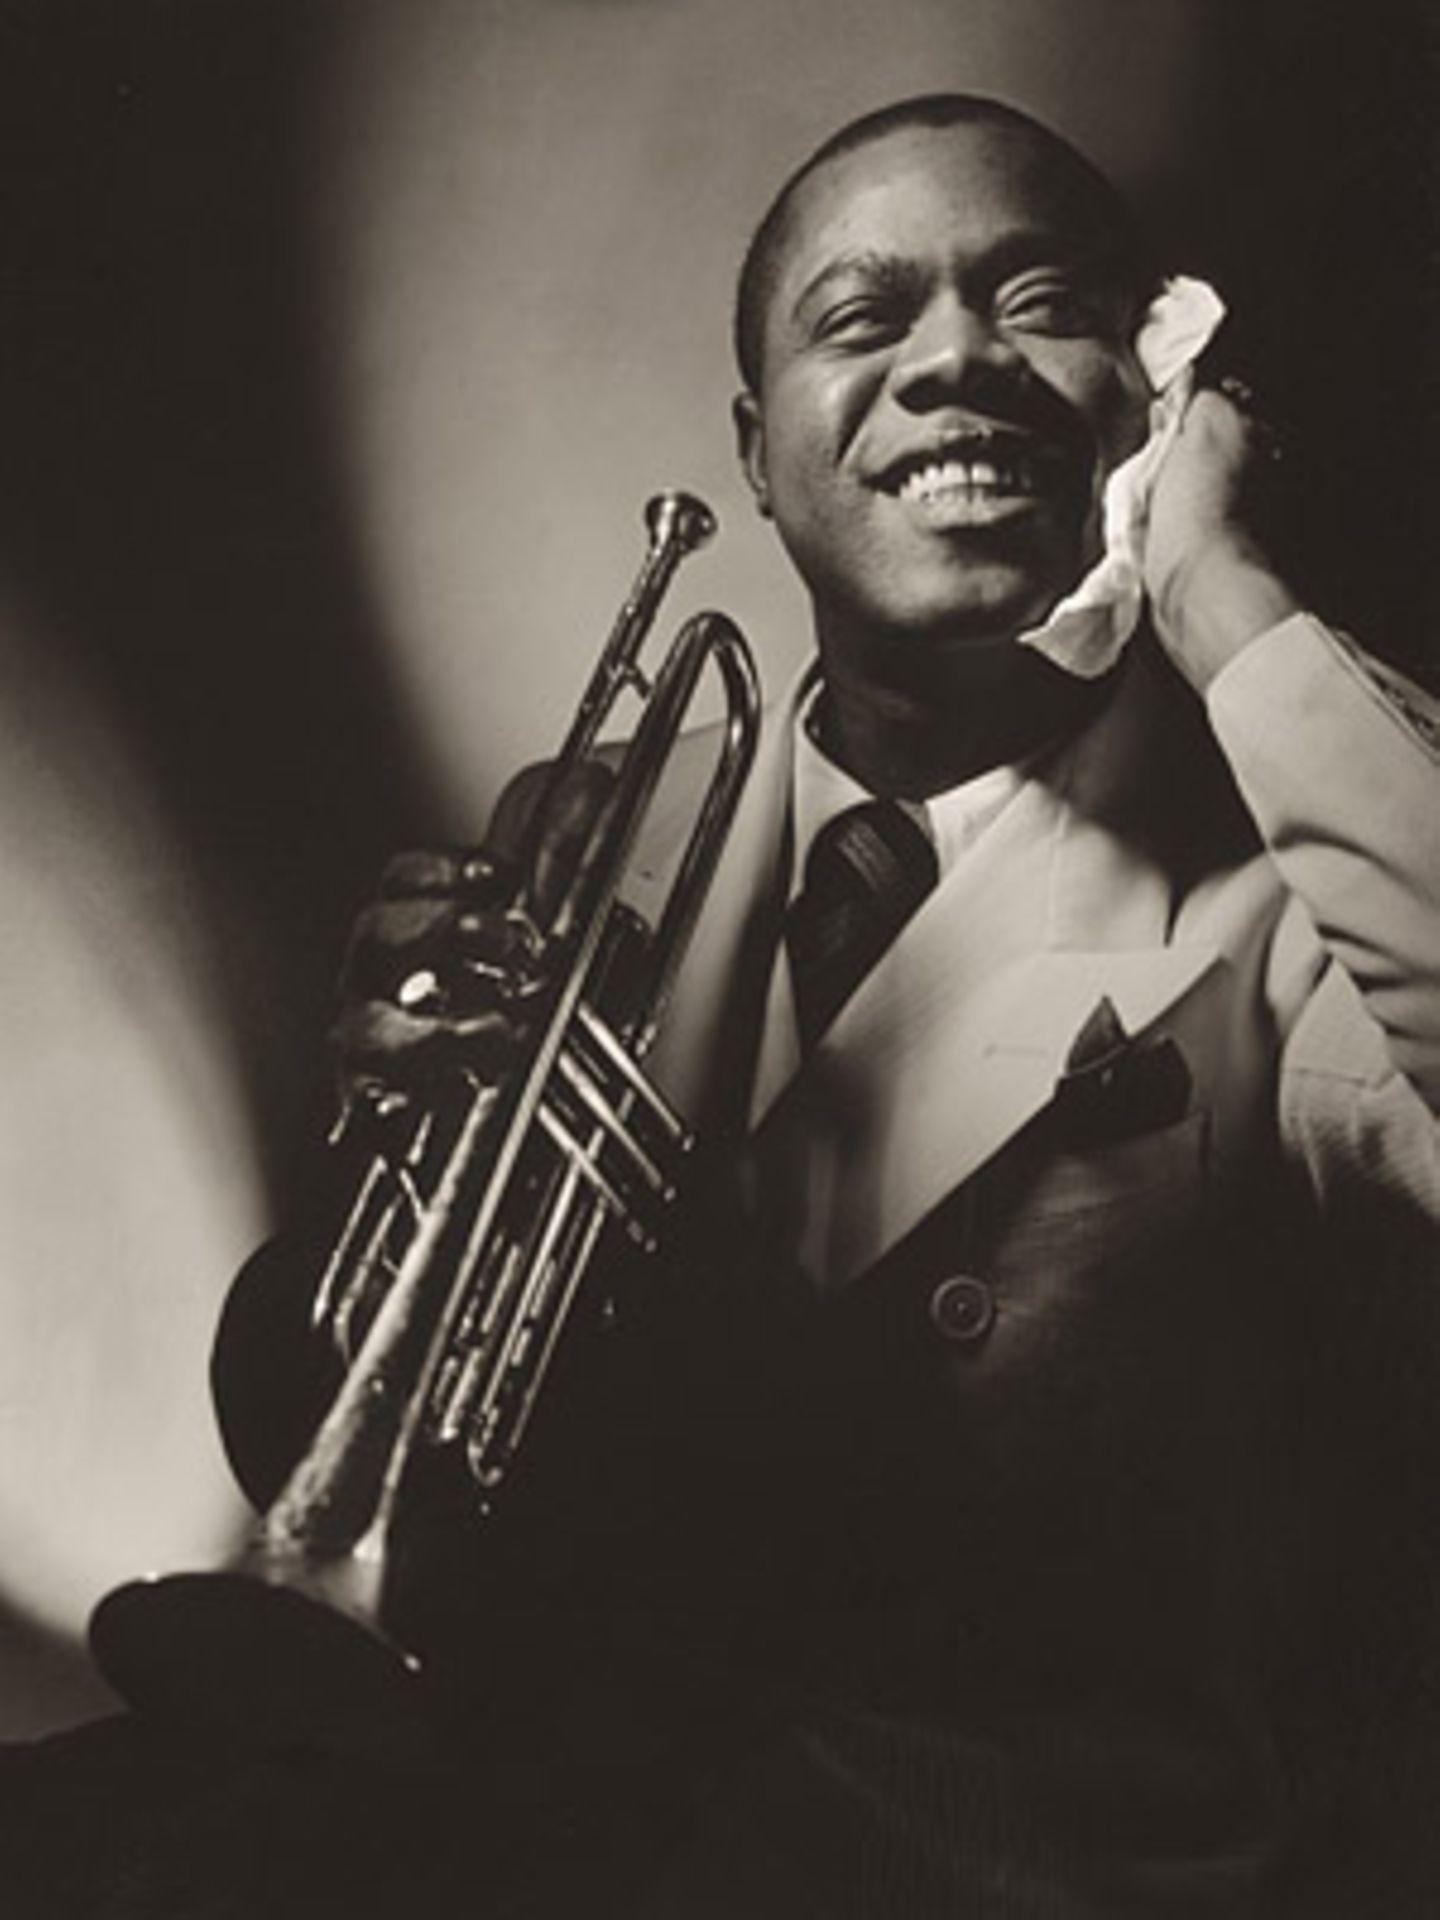 Louis Armstrong by Anton Bruehl 1935, Vanity Fair, November 1935    Der bekannte Jazz-Trompeter Louis Armstrong gönnt sich auf diesem Porträt eine kurze Verschnaufpause.